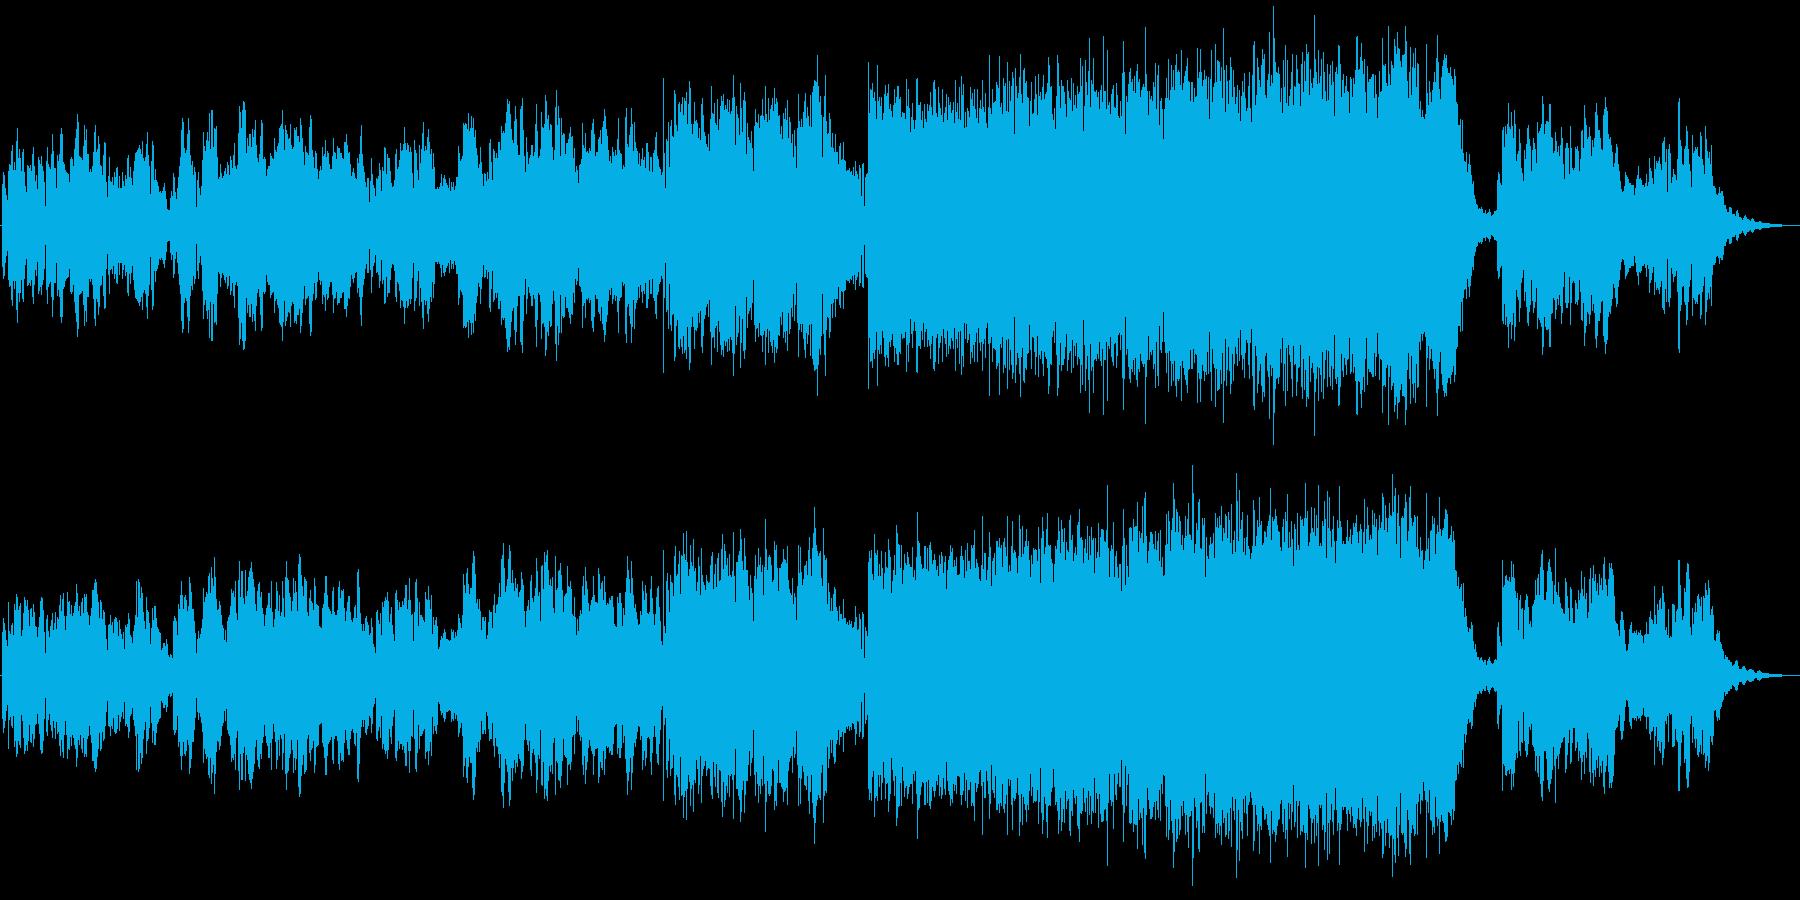 男声ボーカル バラードの再生済みの波形